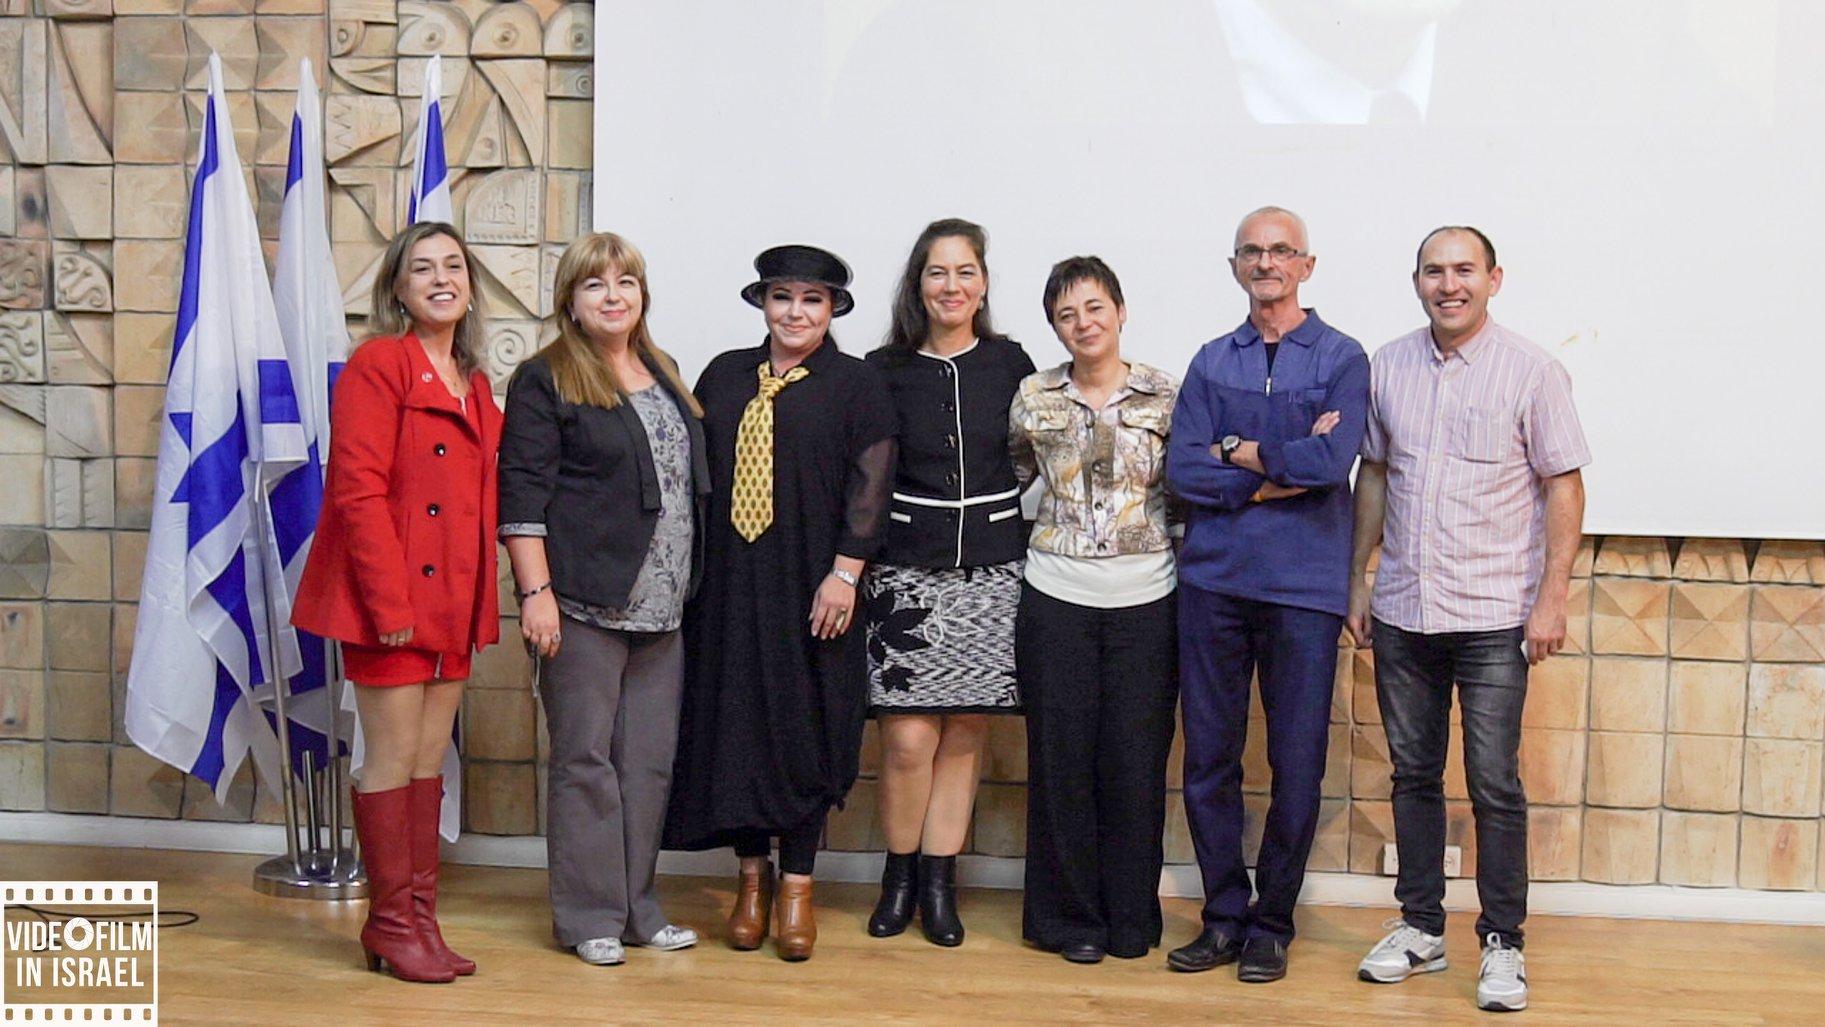 Волонтерство в Израиле |29.11.2018| доклад Евгении Карповой